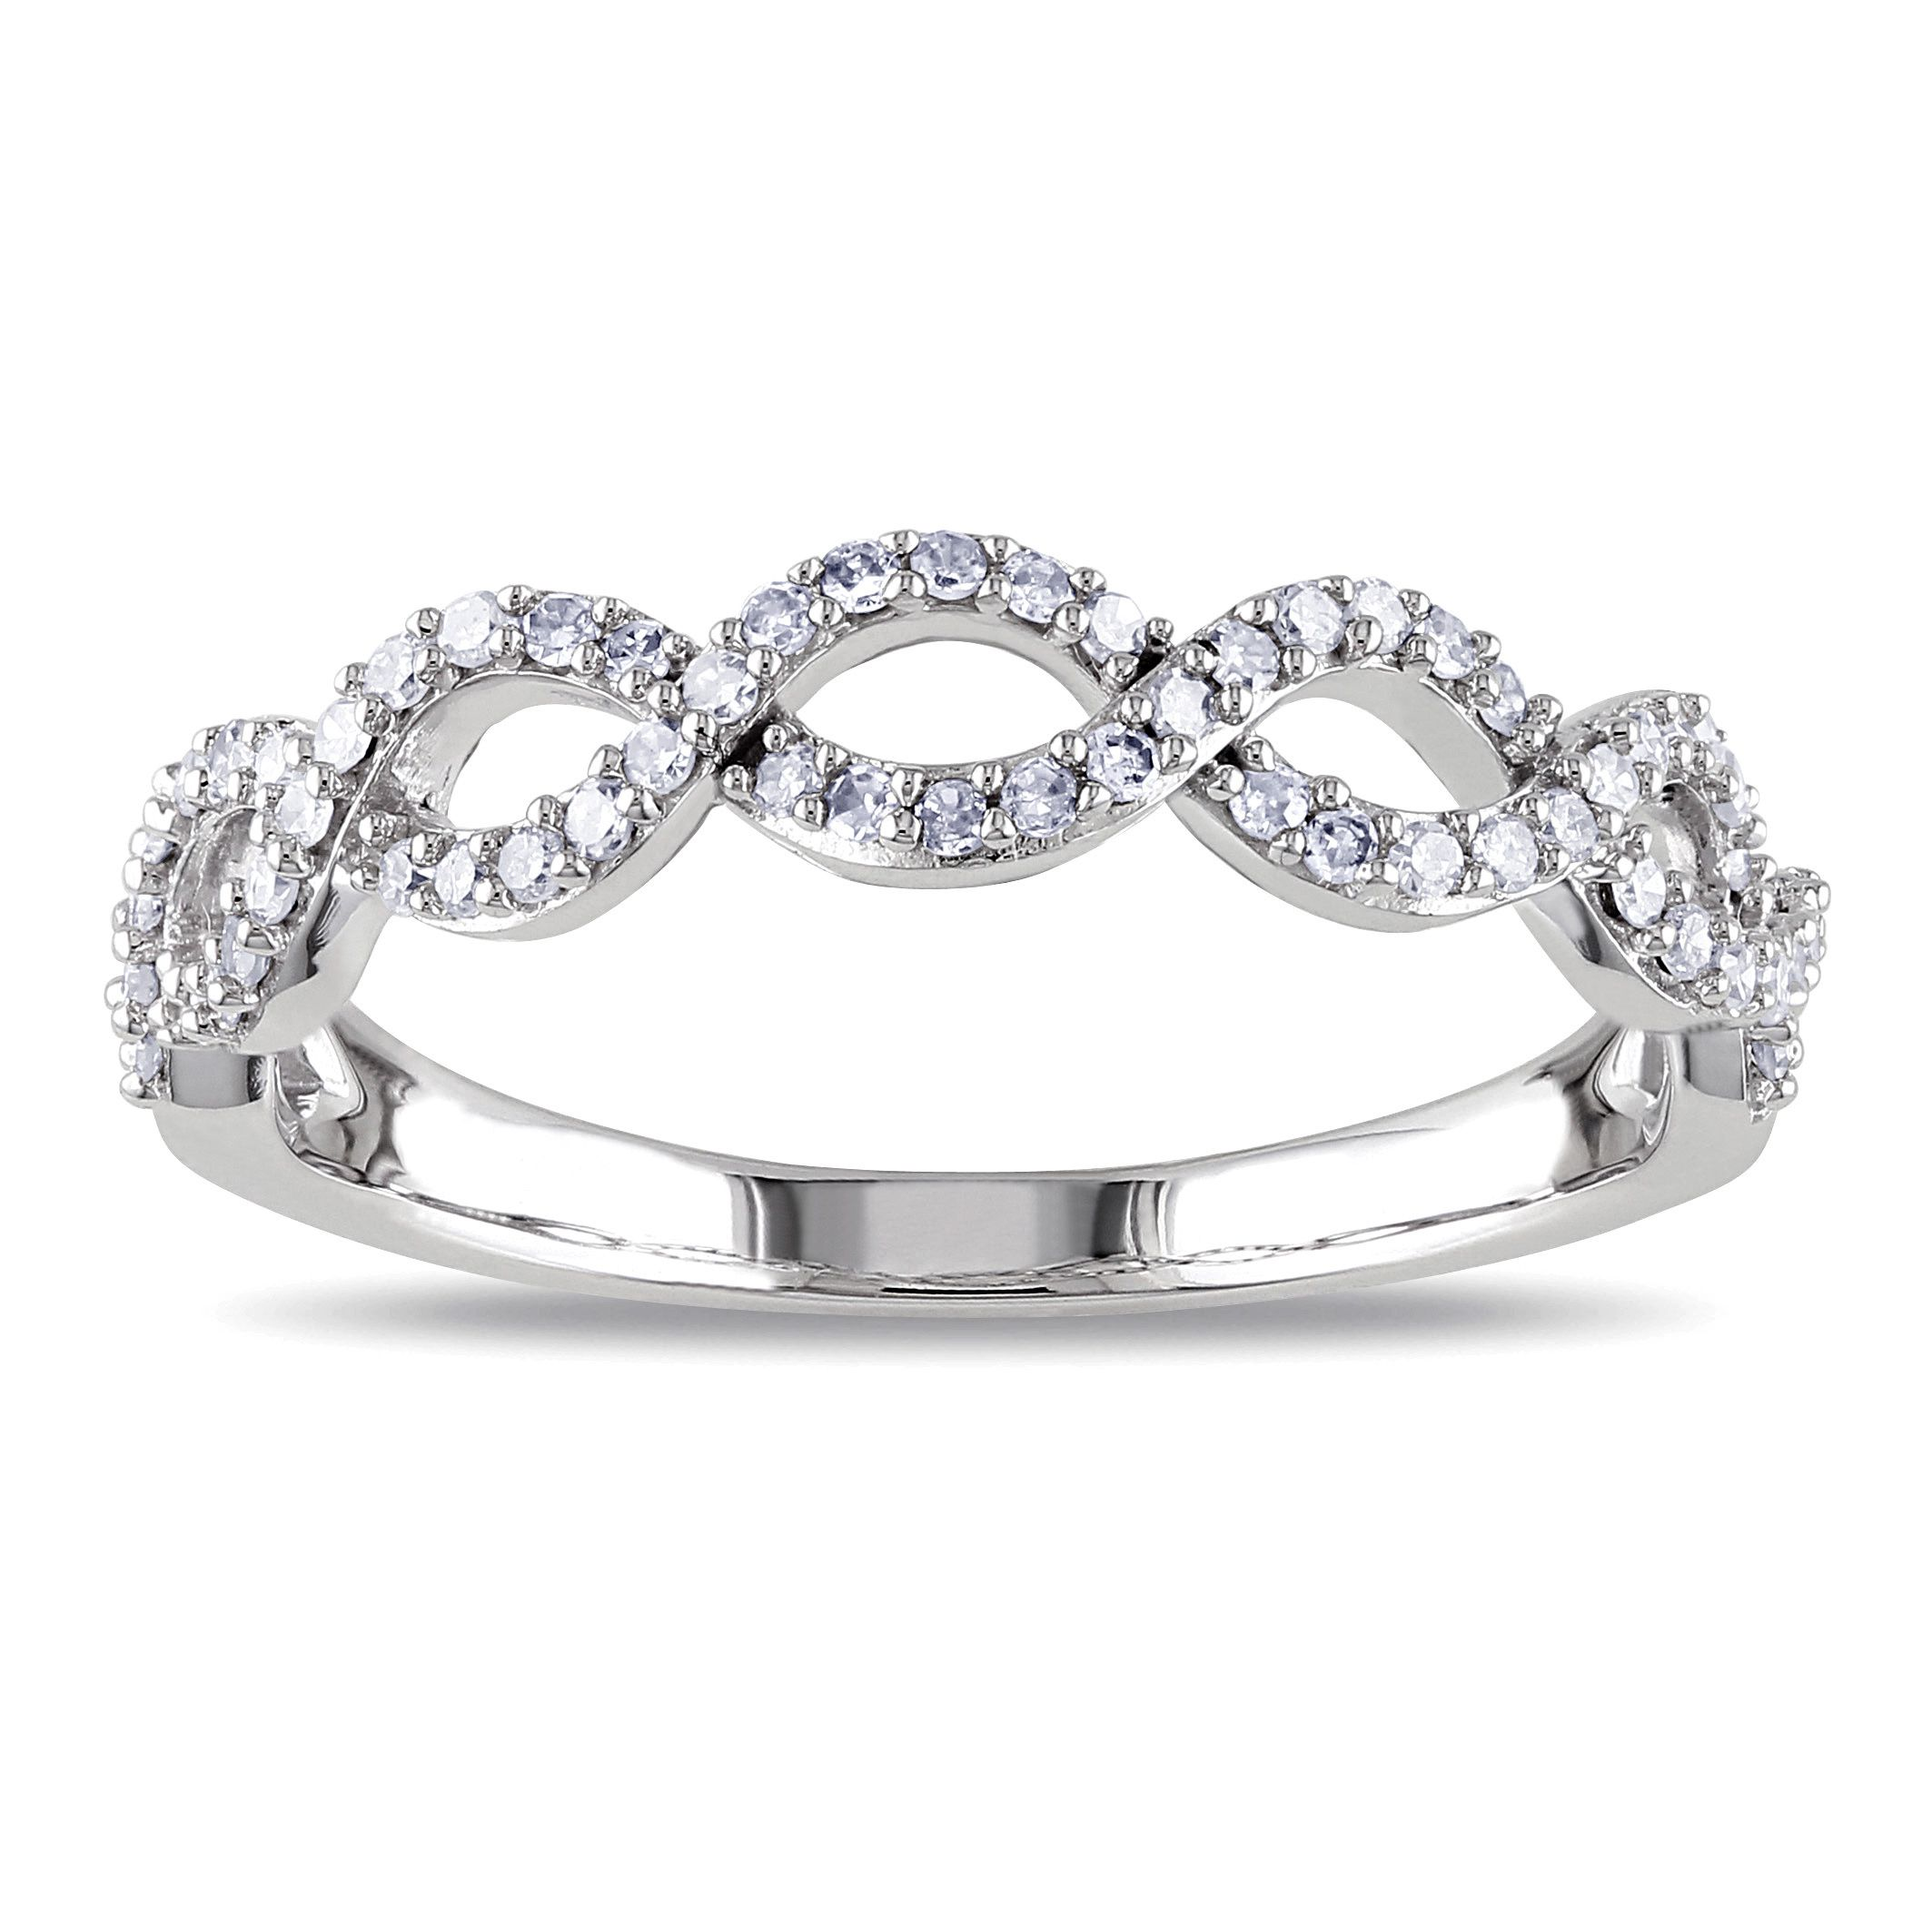 Miadora k white gold ct tdw diamond infinity ring by miadora